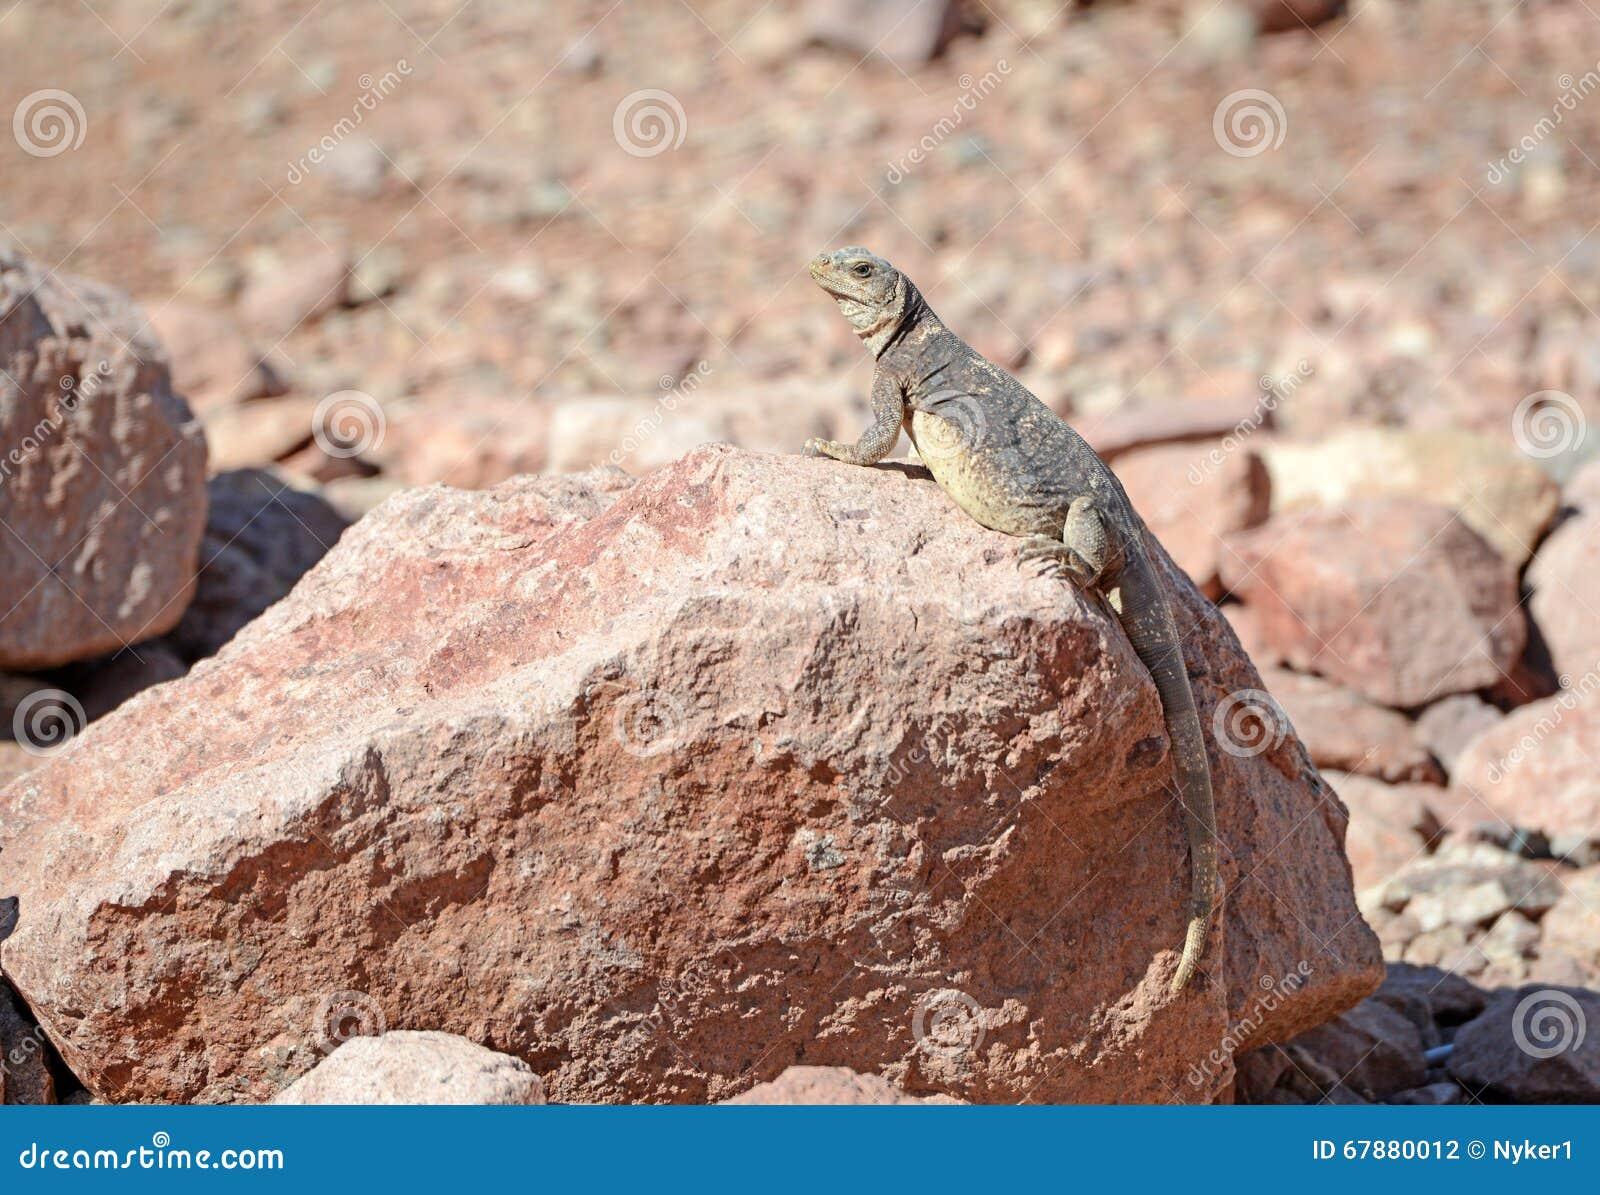 Chuckwalla蜥蜴在沙漠环境里